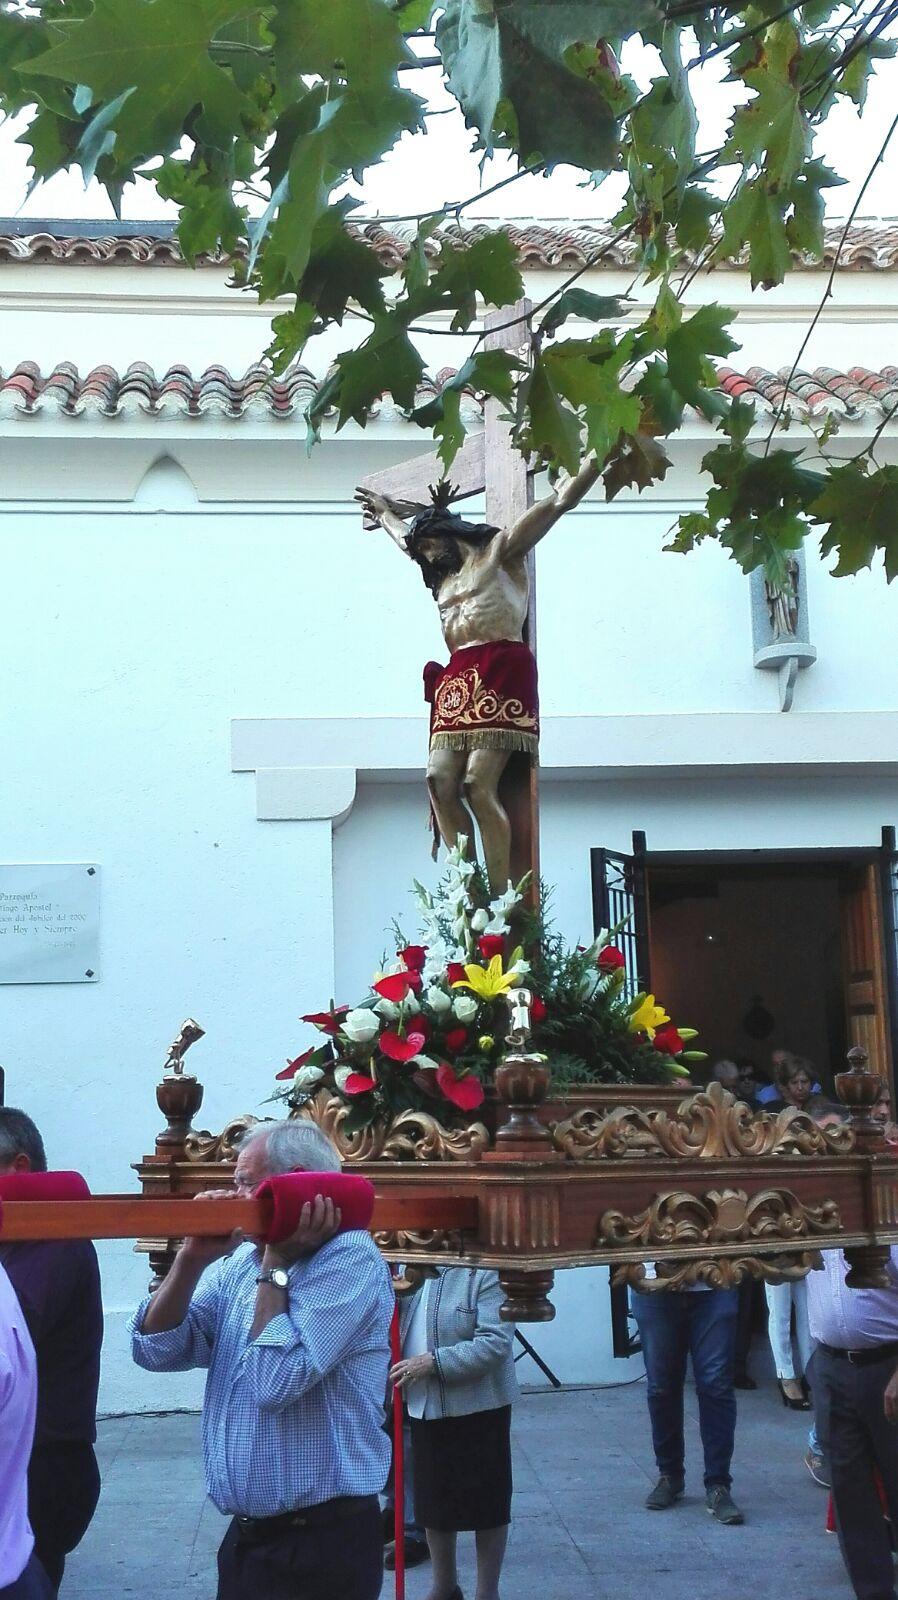 Parroquia de sevilla la nueva sant simo cristo del consuelo - El tiempo en sevilla la nueva ...